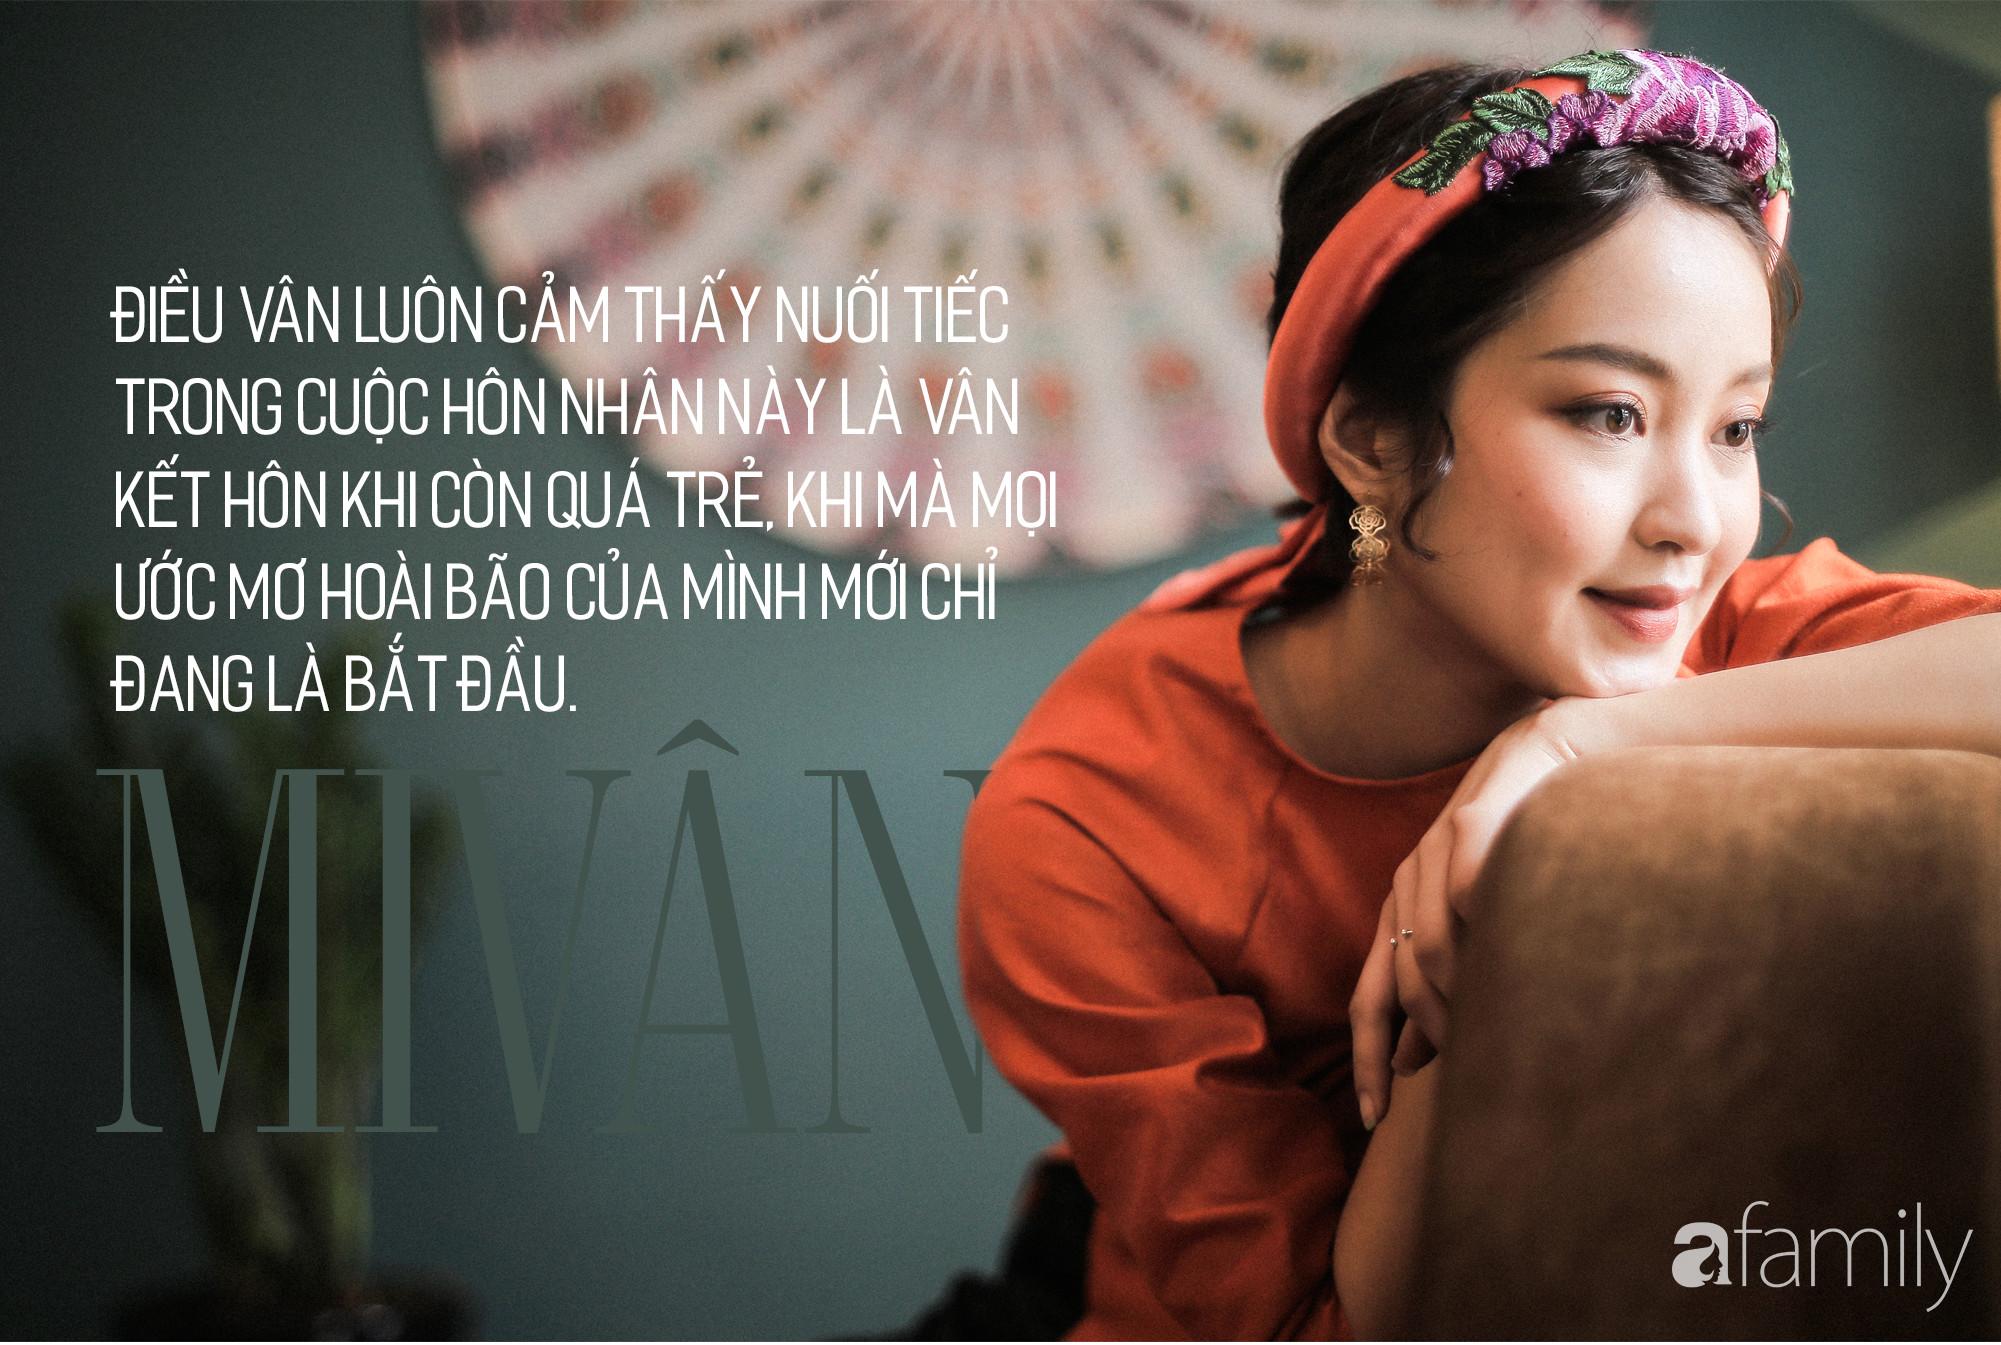 Mi Vân - Cô gái năm ấy chúng ta cùng theo đuổi: Đáng lẽ phải yêu bằng lý trí, thì lại yêu bằng con tim - Ảnh 10.